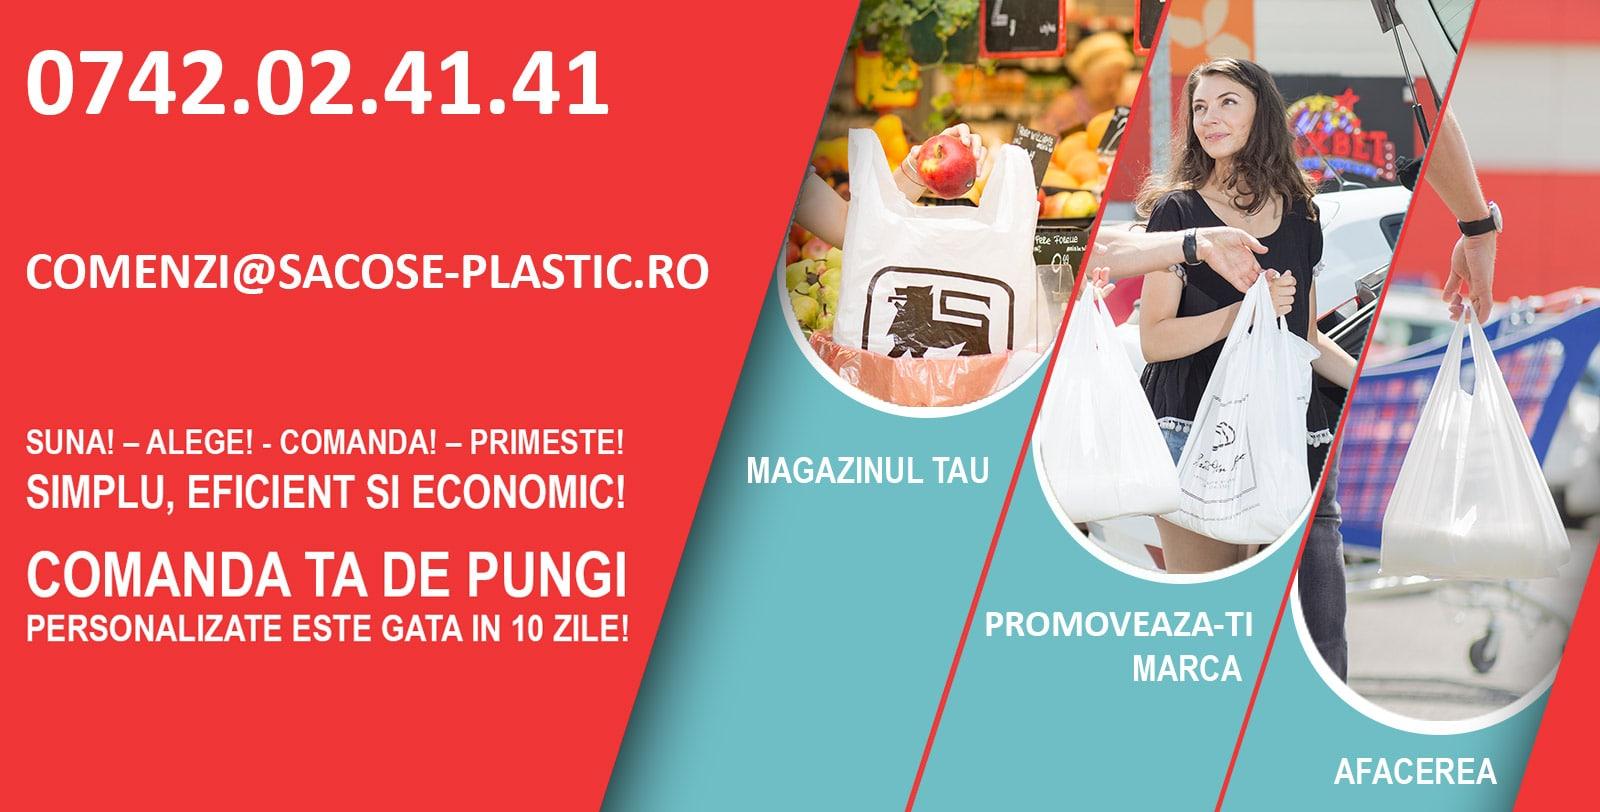 oferta sacose plastic